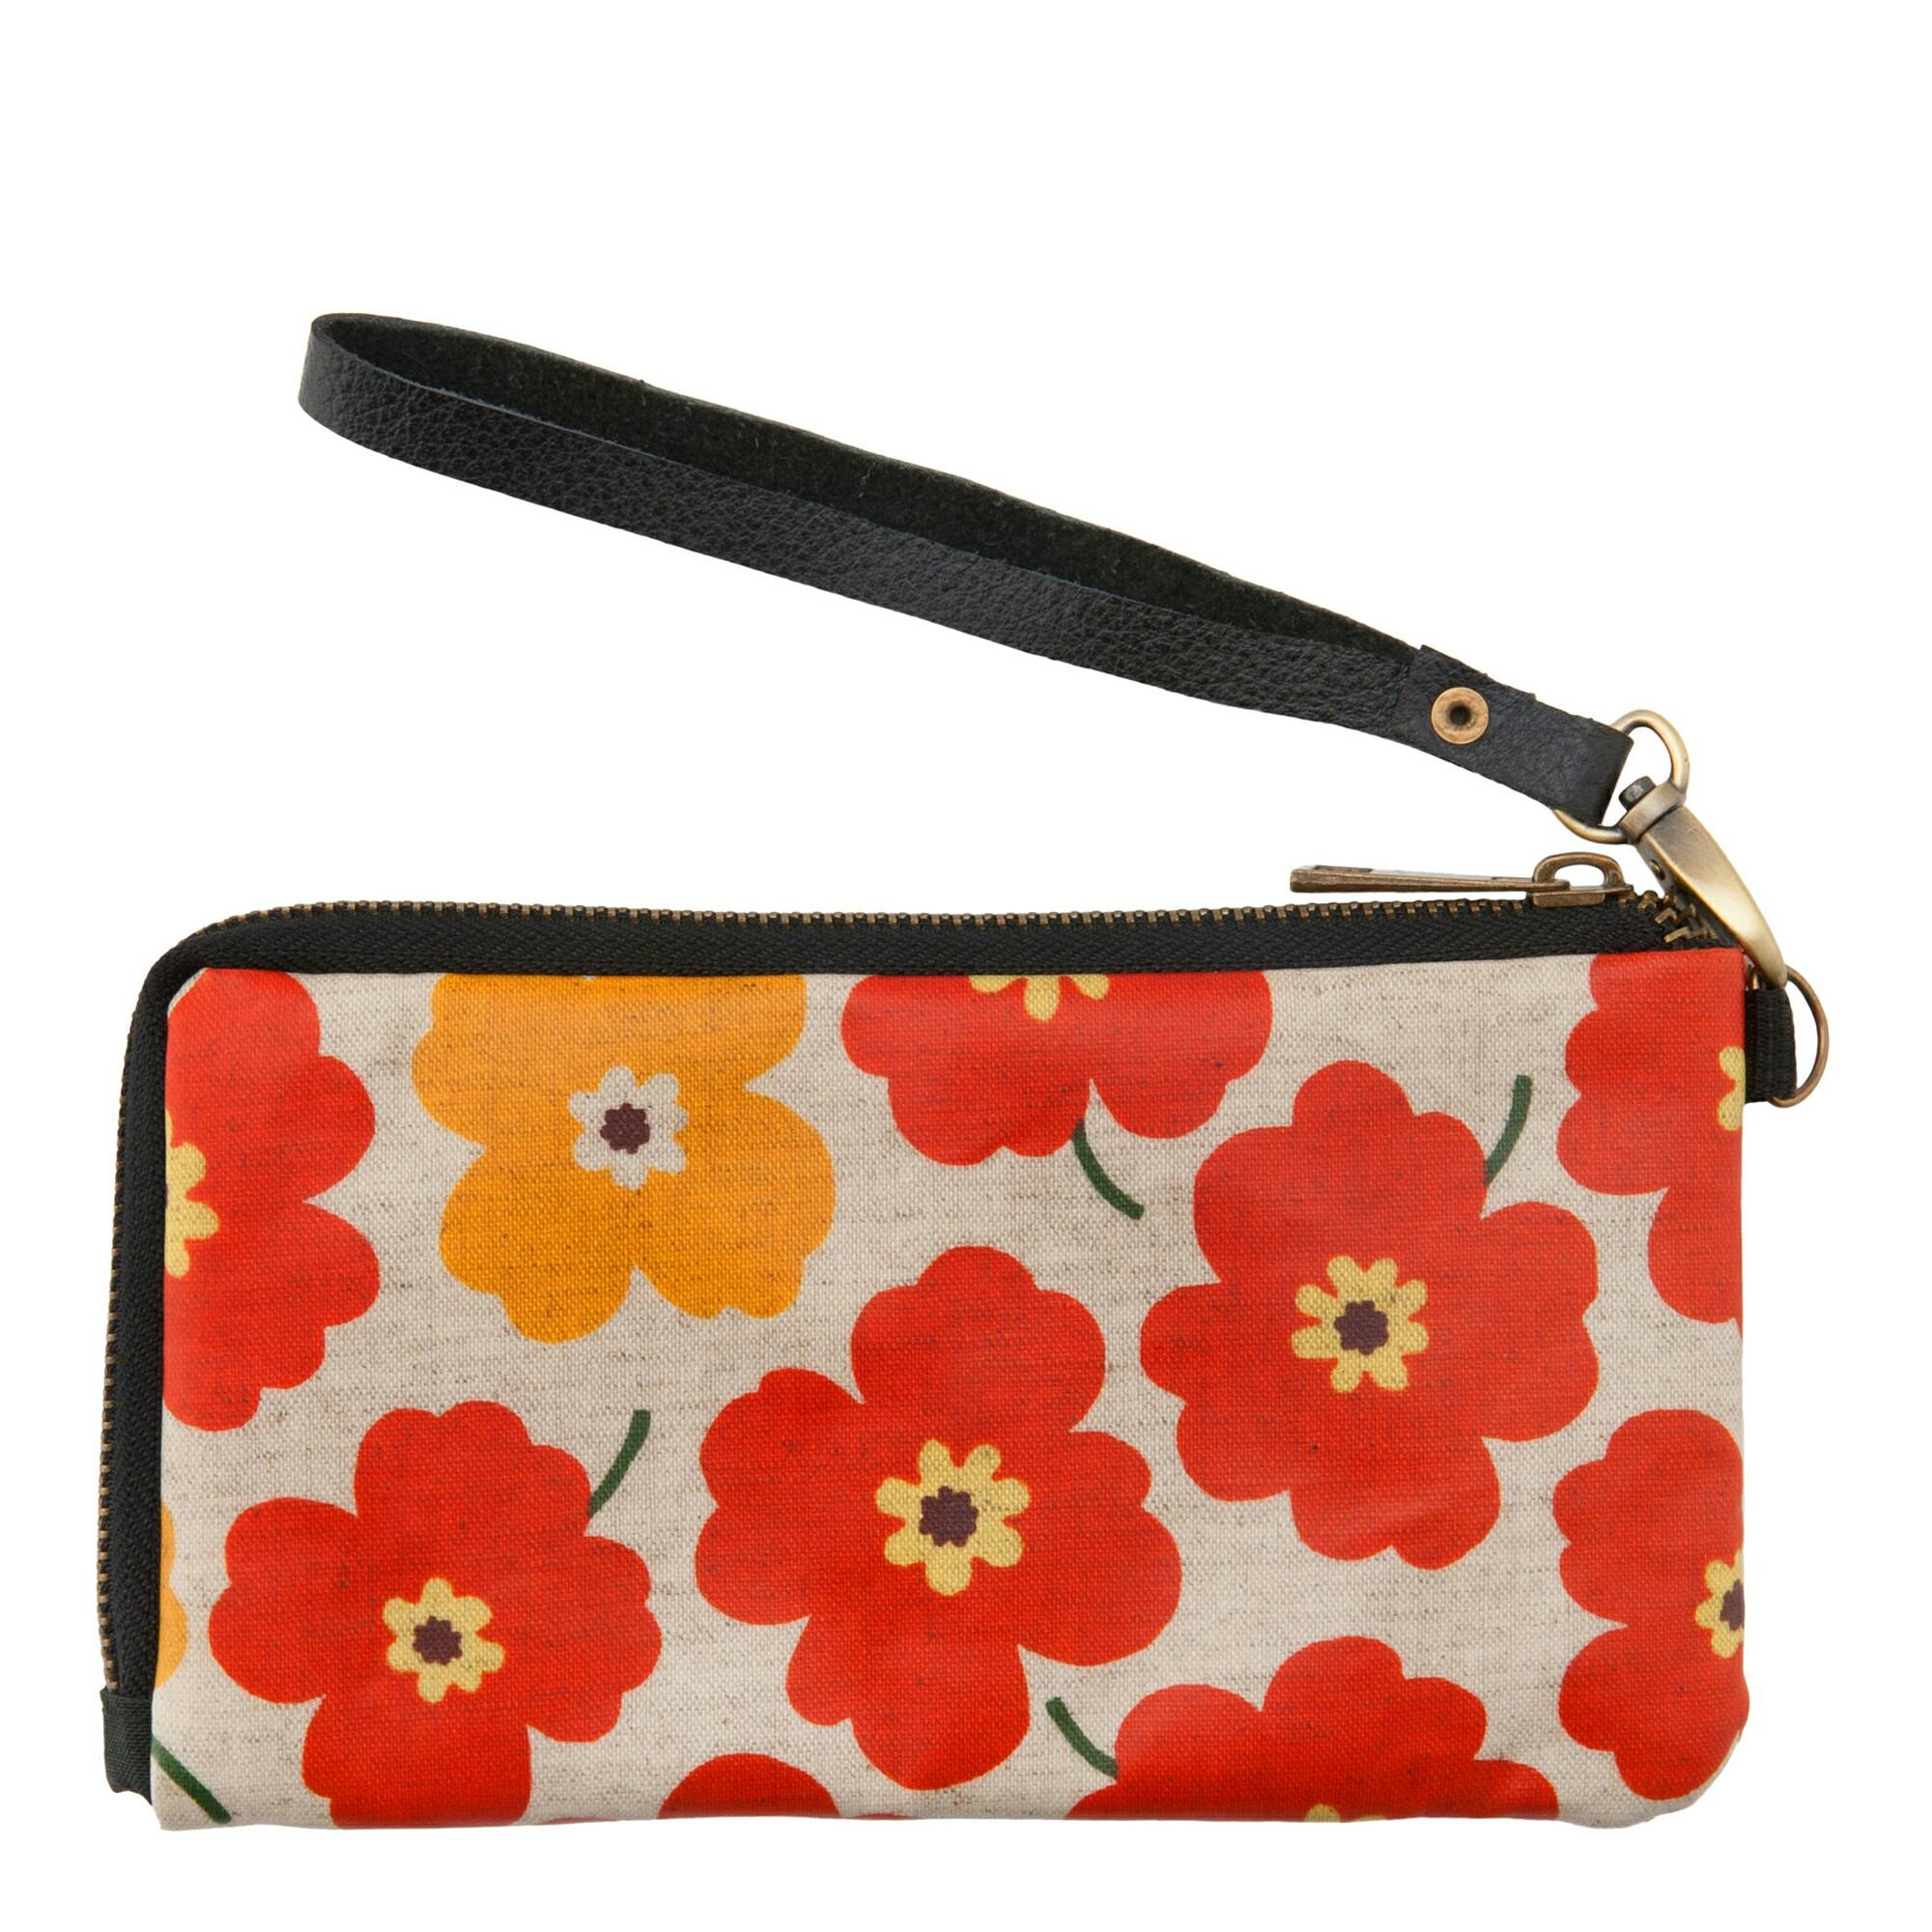 กระเป๋าสตางค์สำหรับผู้หญิงใบยาว ใส่โทรศัพท์มือถือ บัตรเครดิต